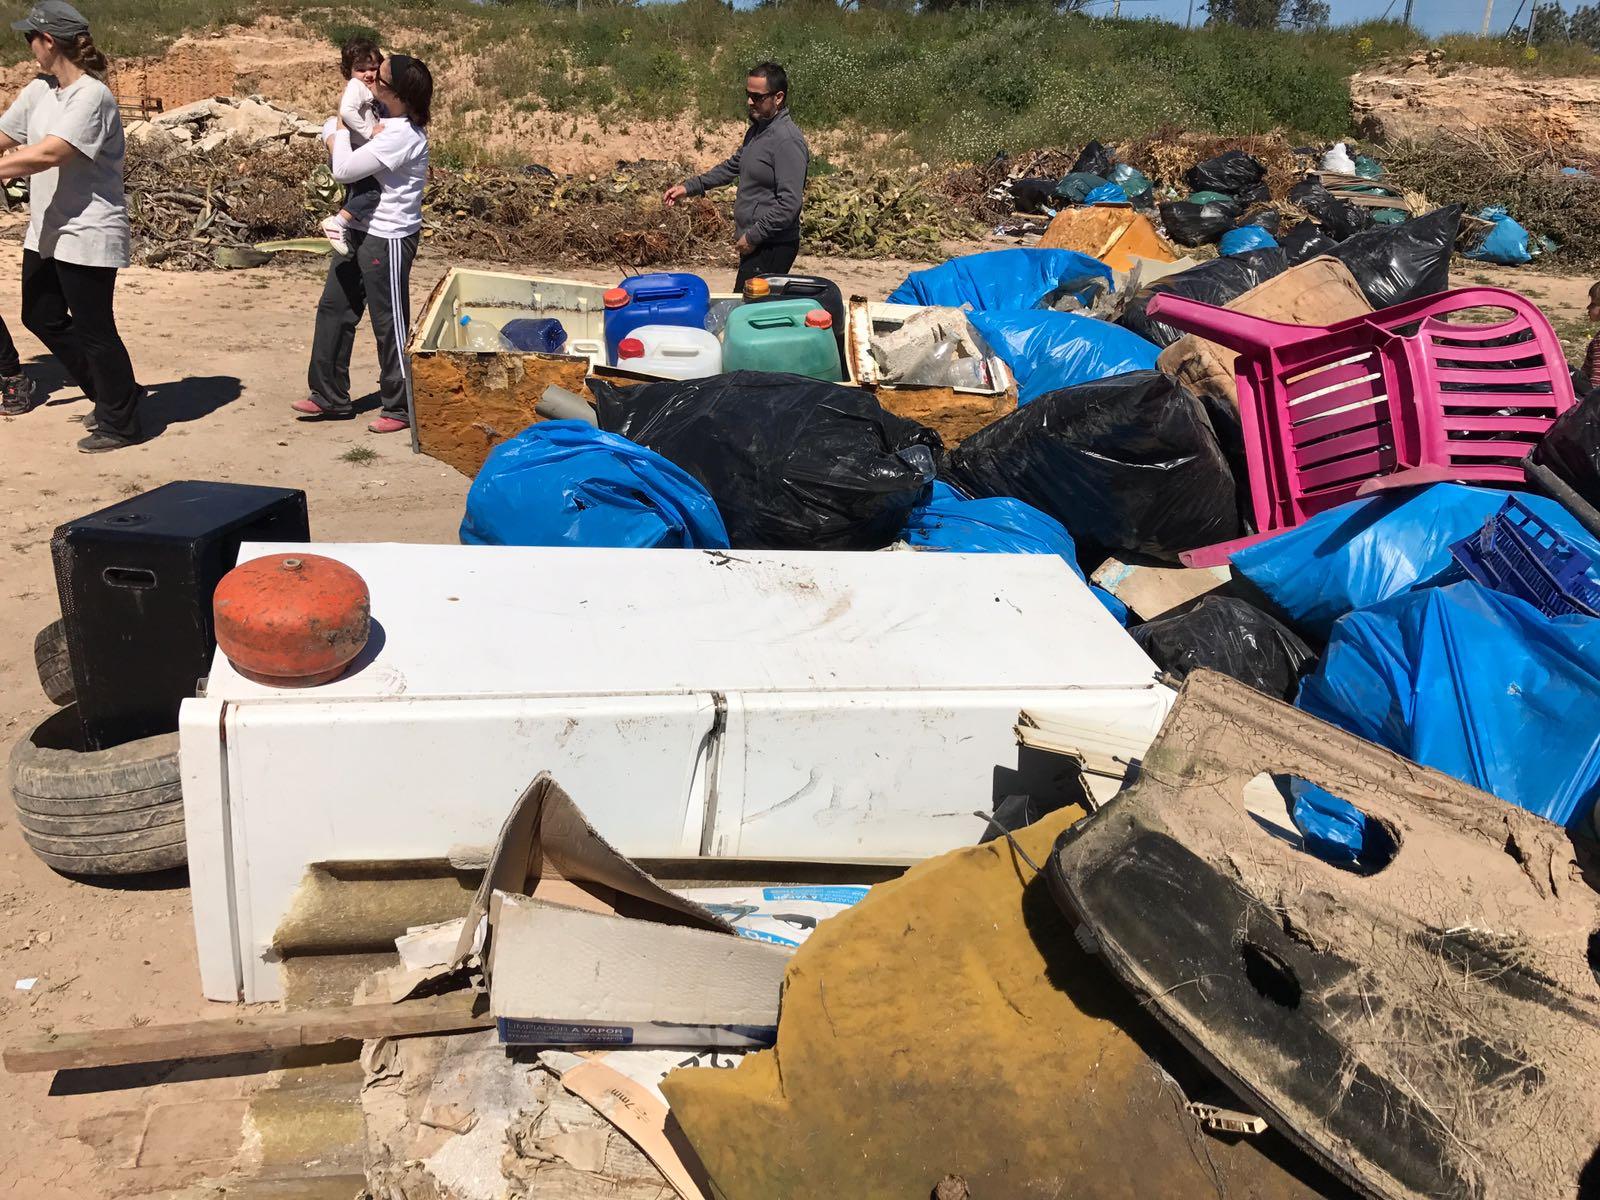 Frigoríficos, sofás, sanitarios... al río se vierte todo tipo de residuos. Imagen: Fundación Limne